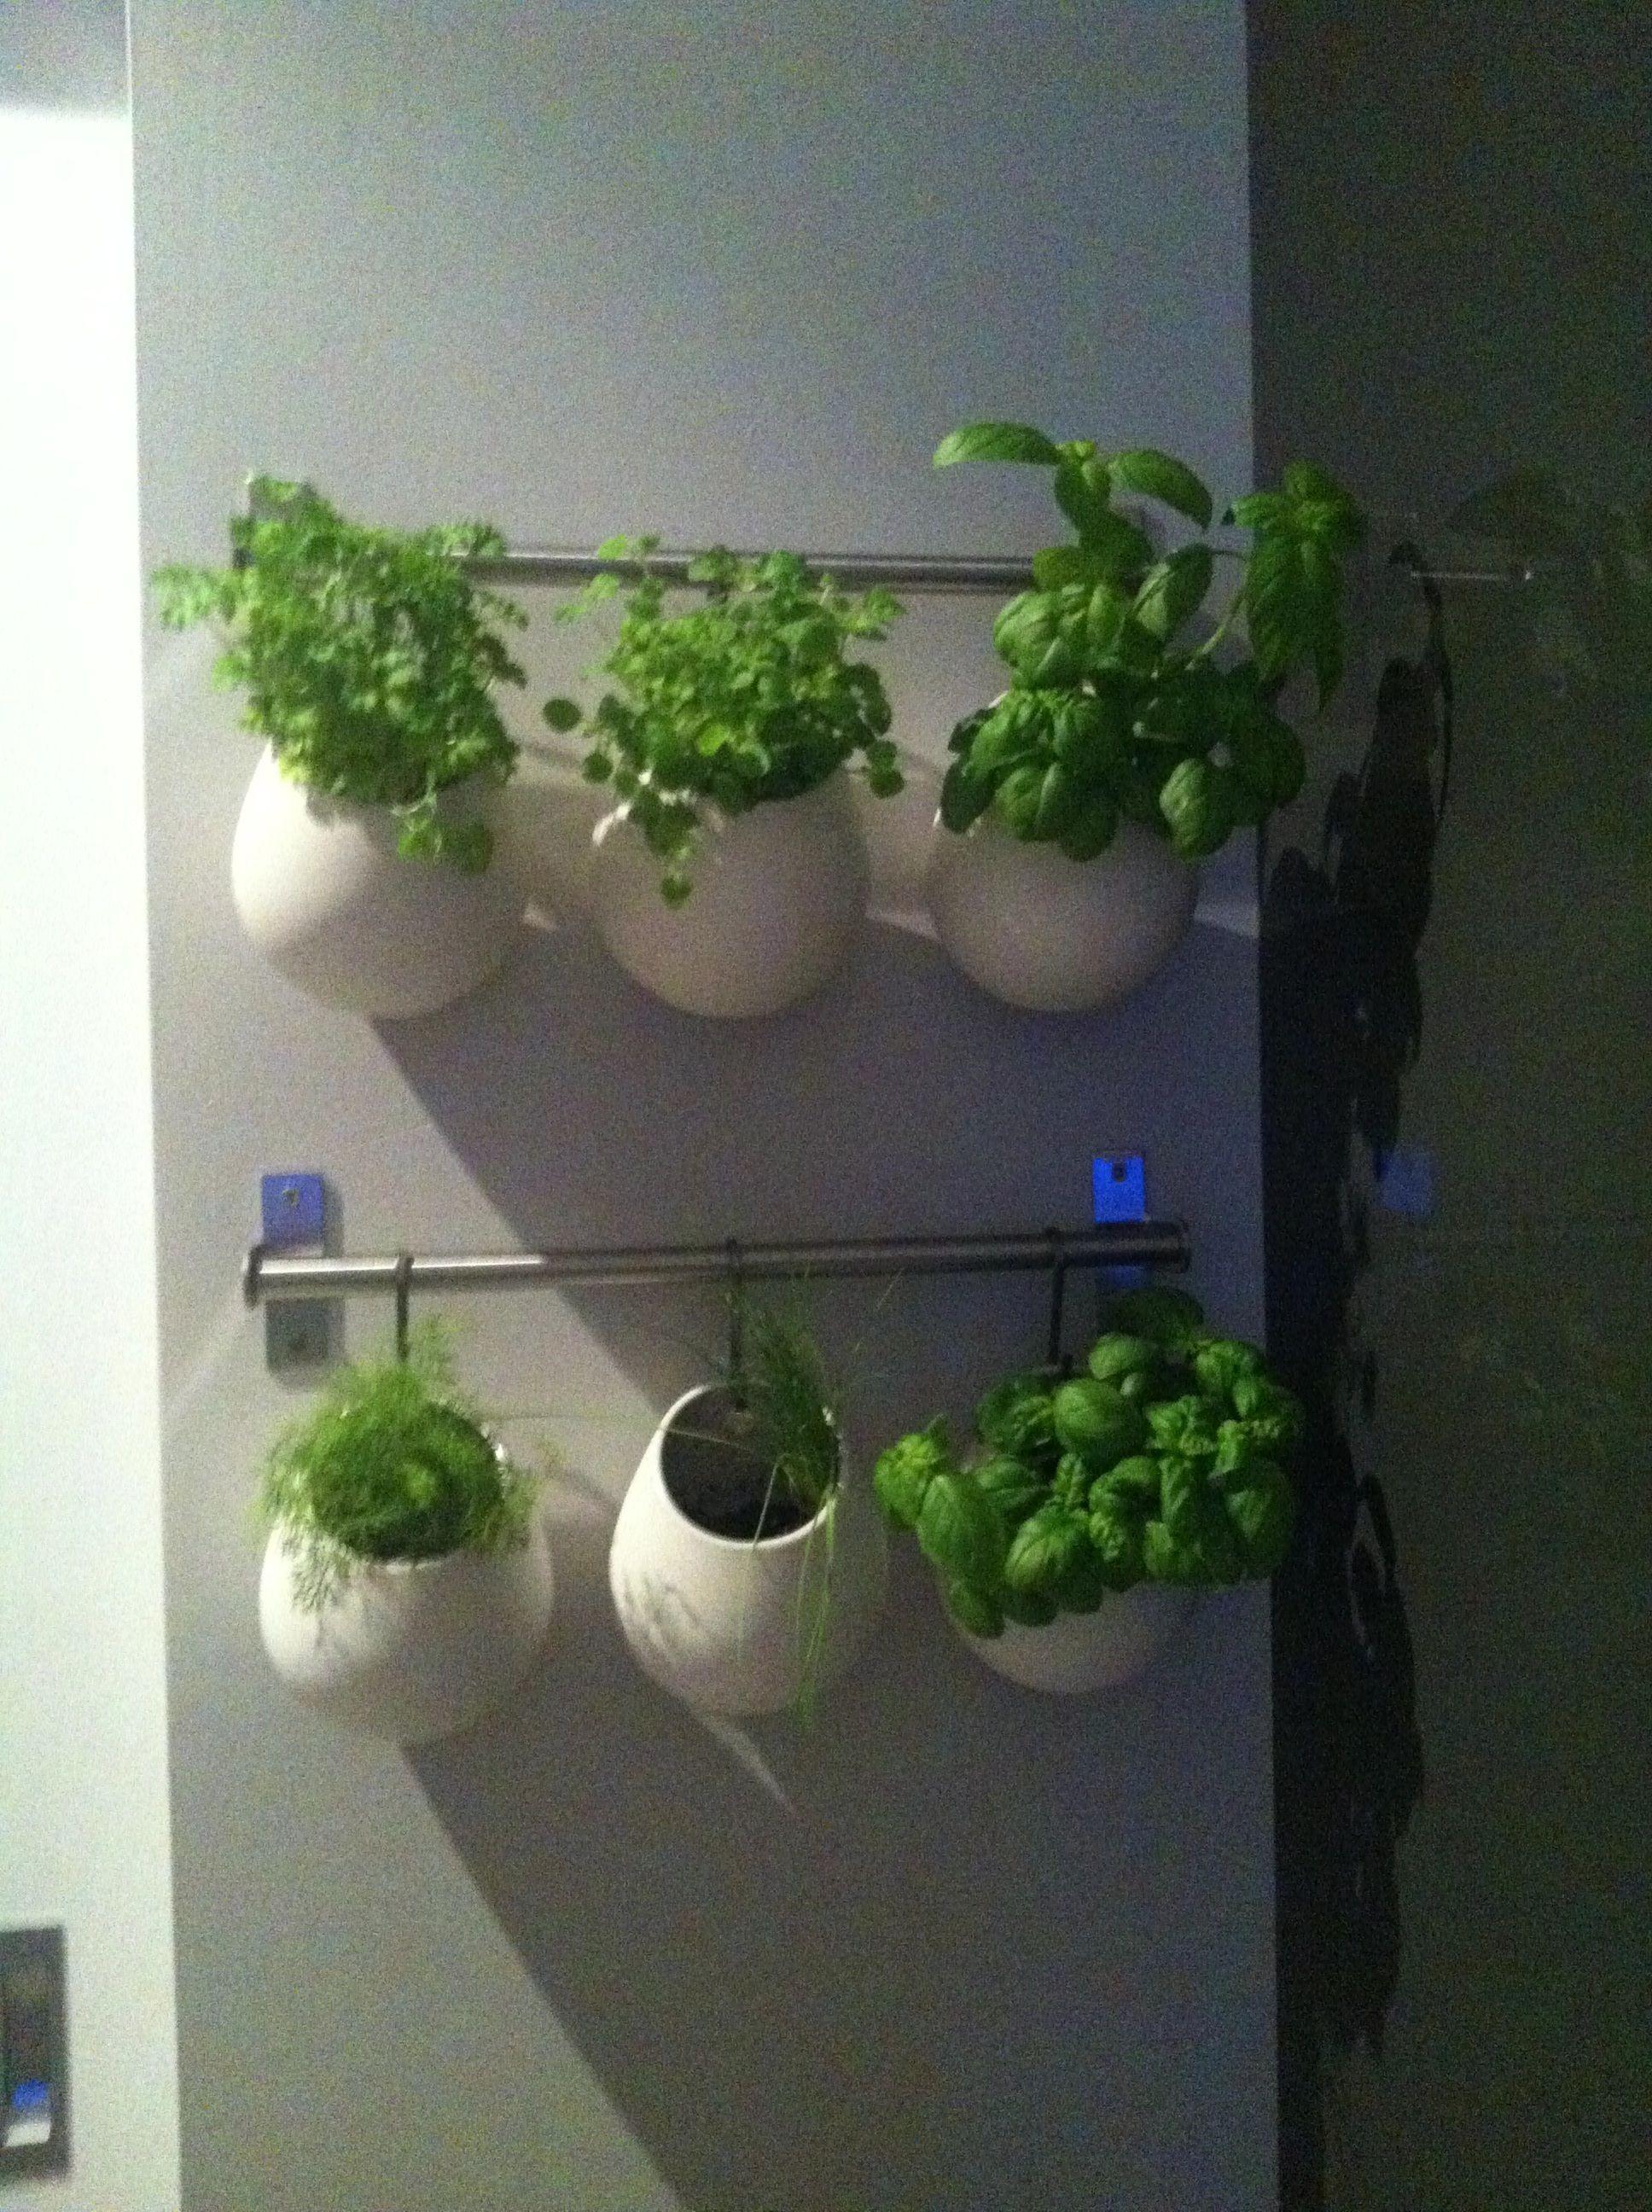 My vertical indoor herb garden. Vertical herb garden